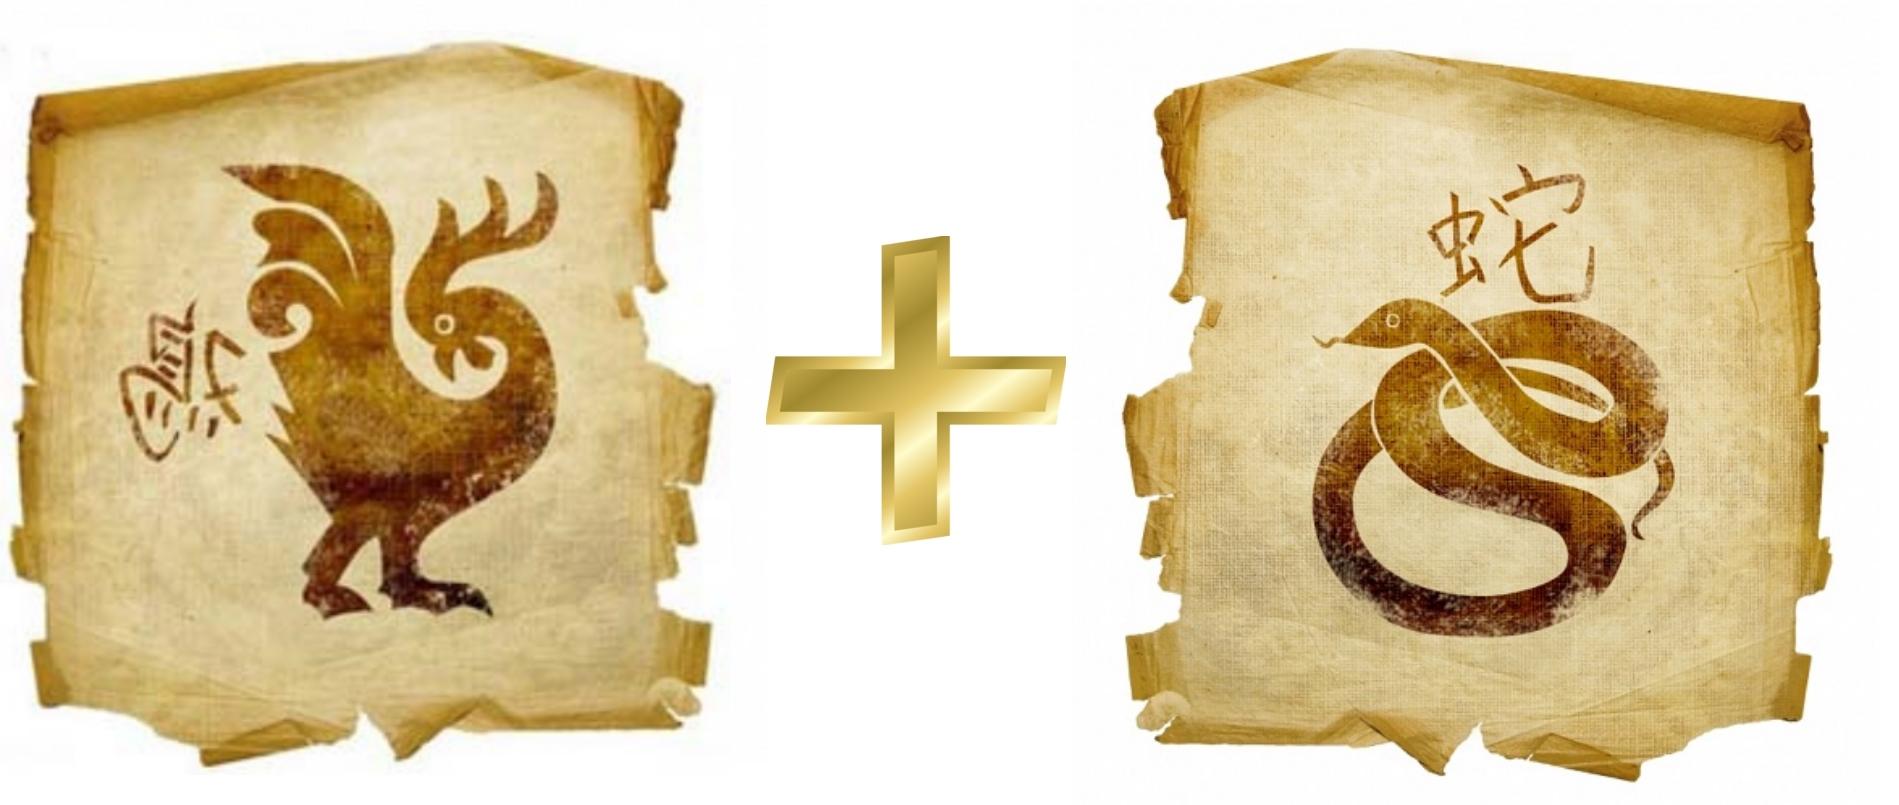 Петух и Змея: Гороскоп любовной совместимости по знакам